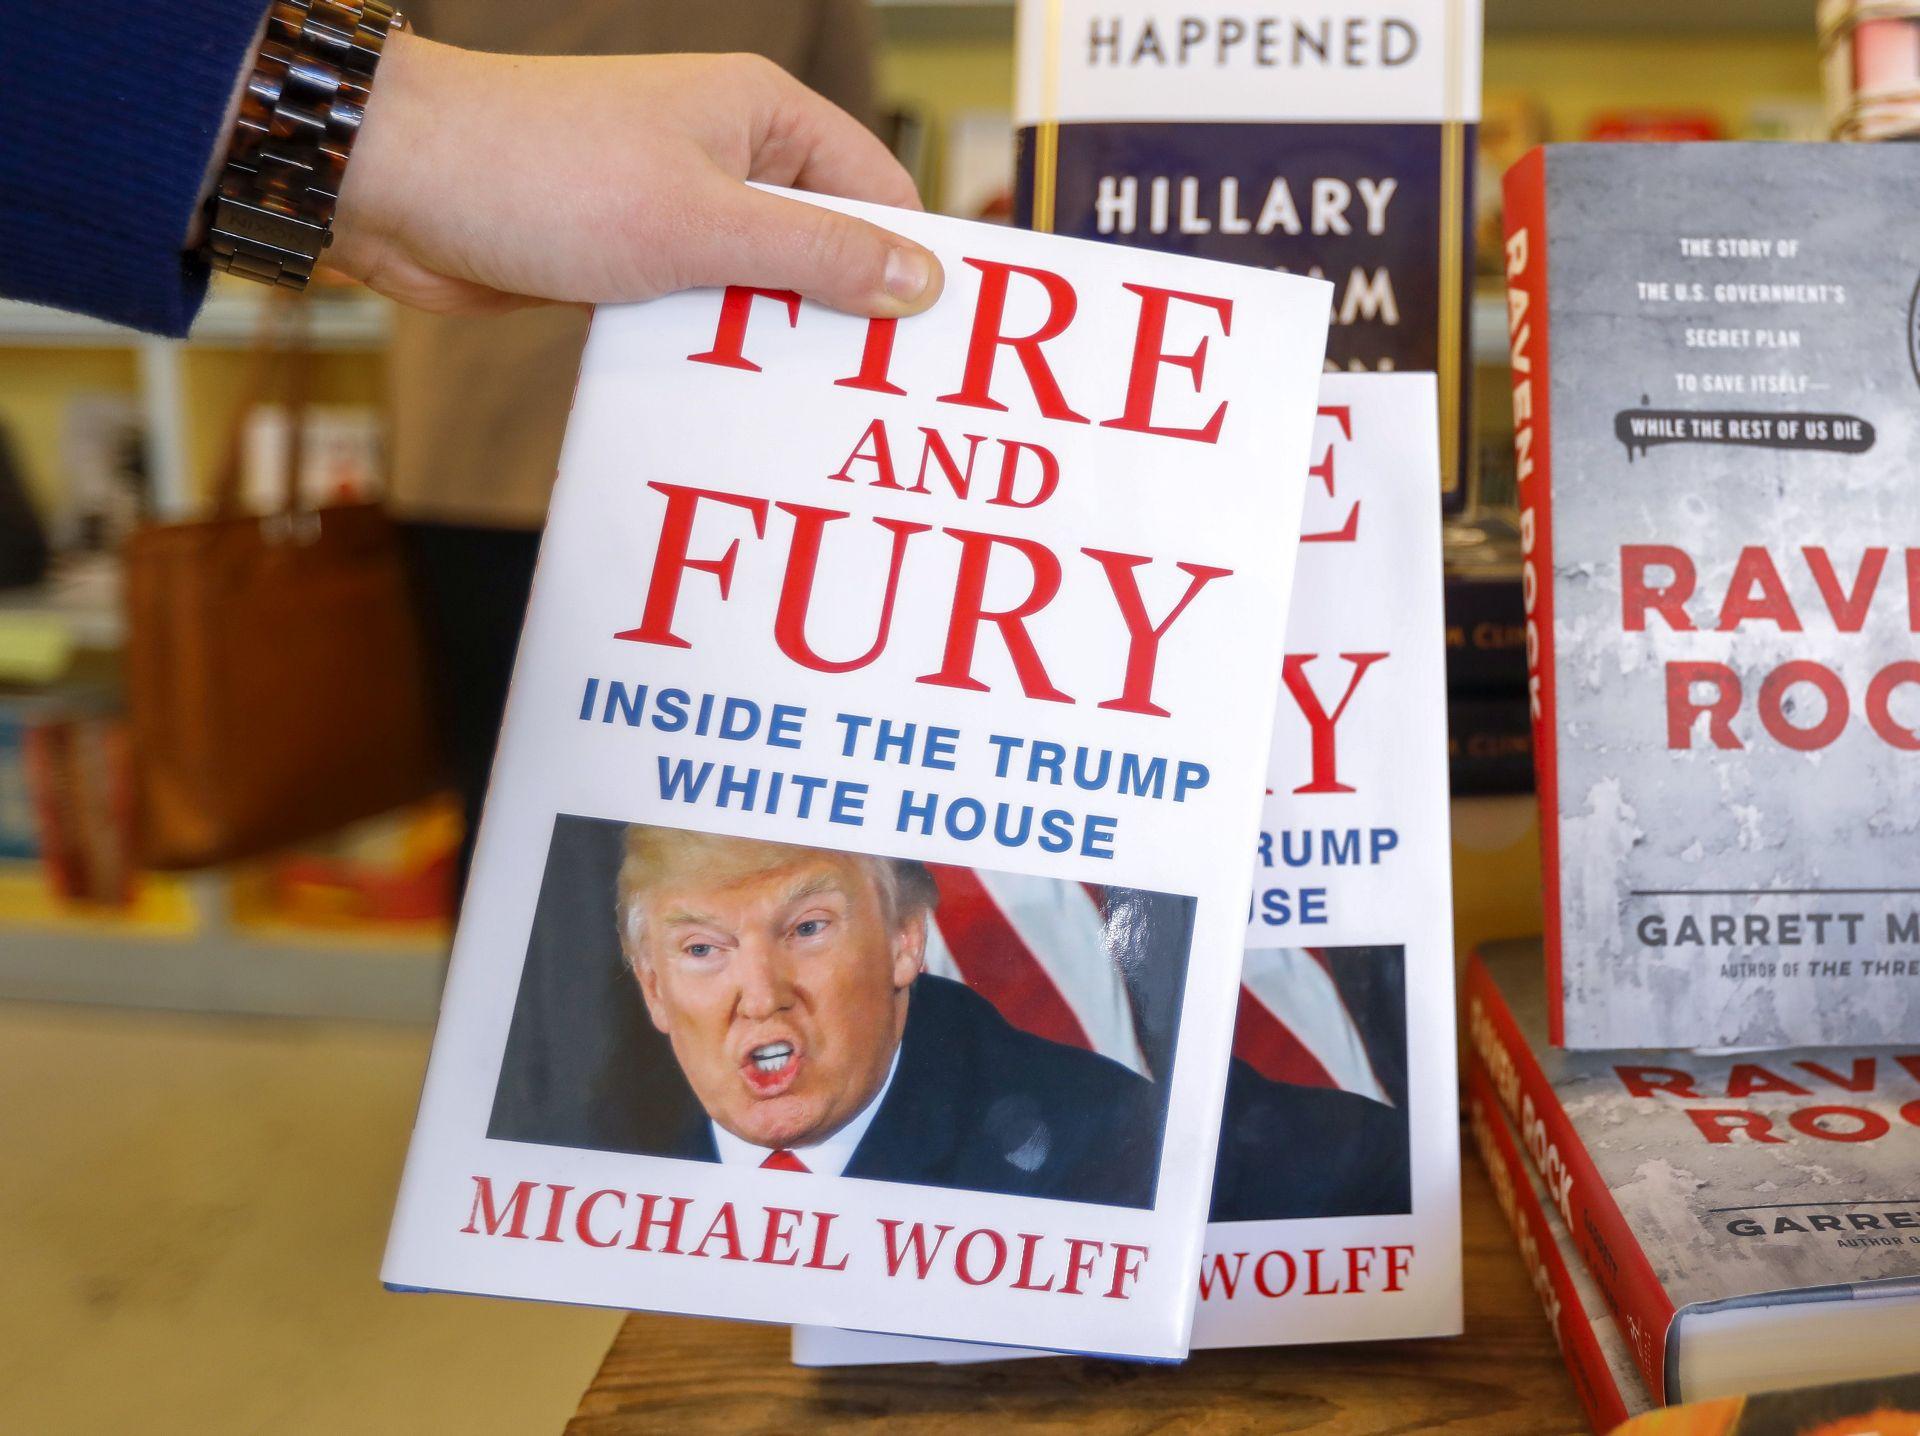 'Moja knjiga mogla bi okončati Trumpov predsjednički mandat'